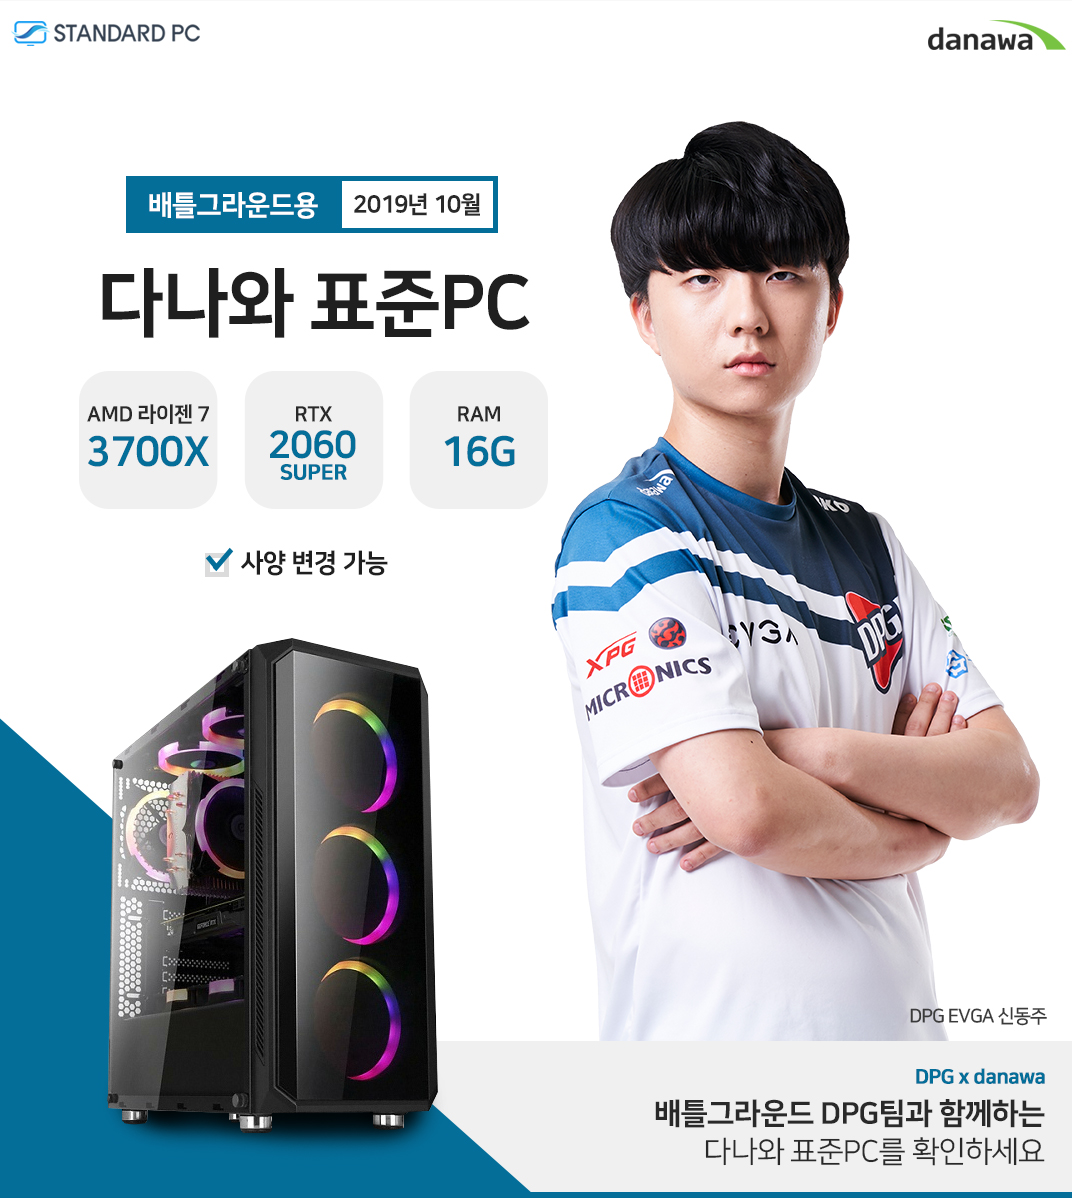 2019년 10월 다나와 표준PC 배틀그라운드용 AMD 라이젠 7 3700X RTX2060 super RAM 16G